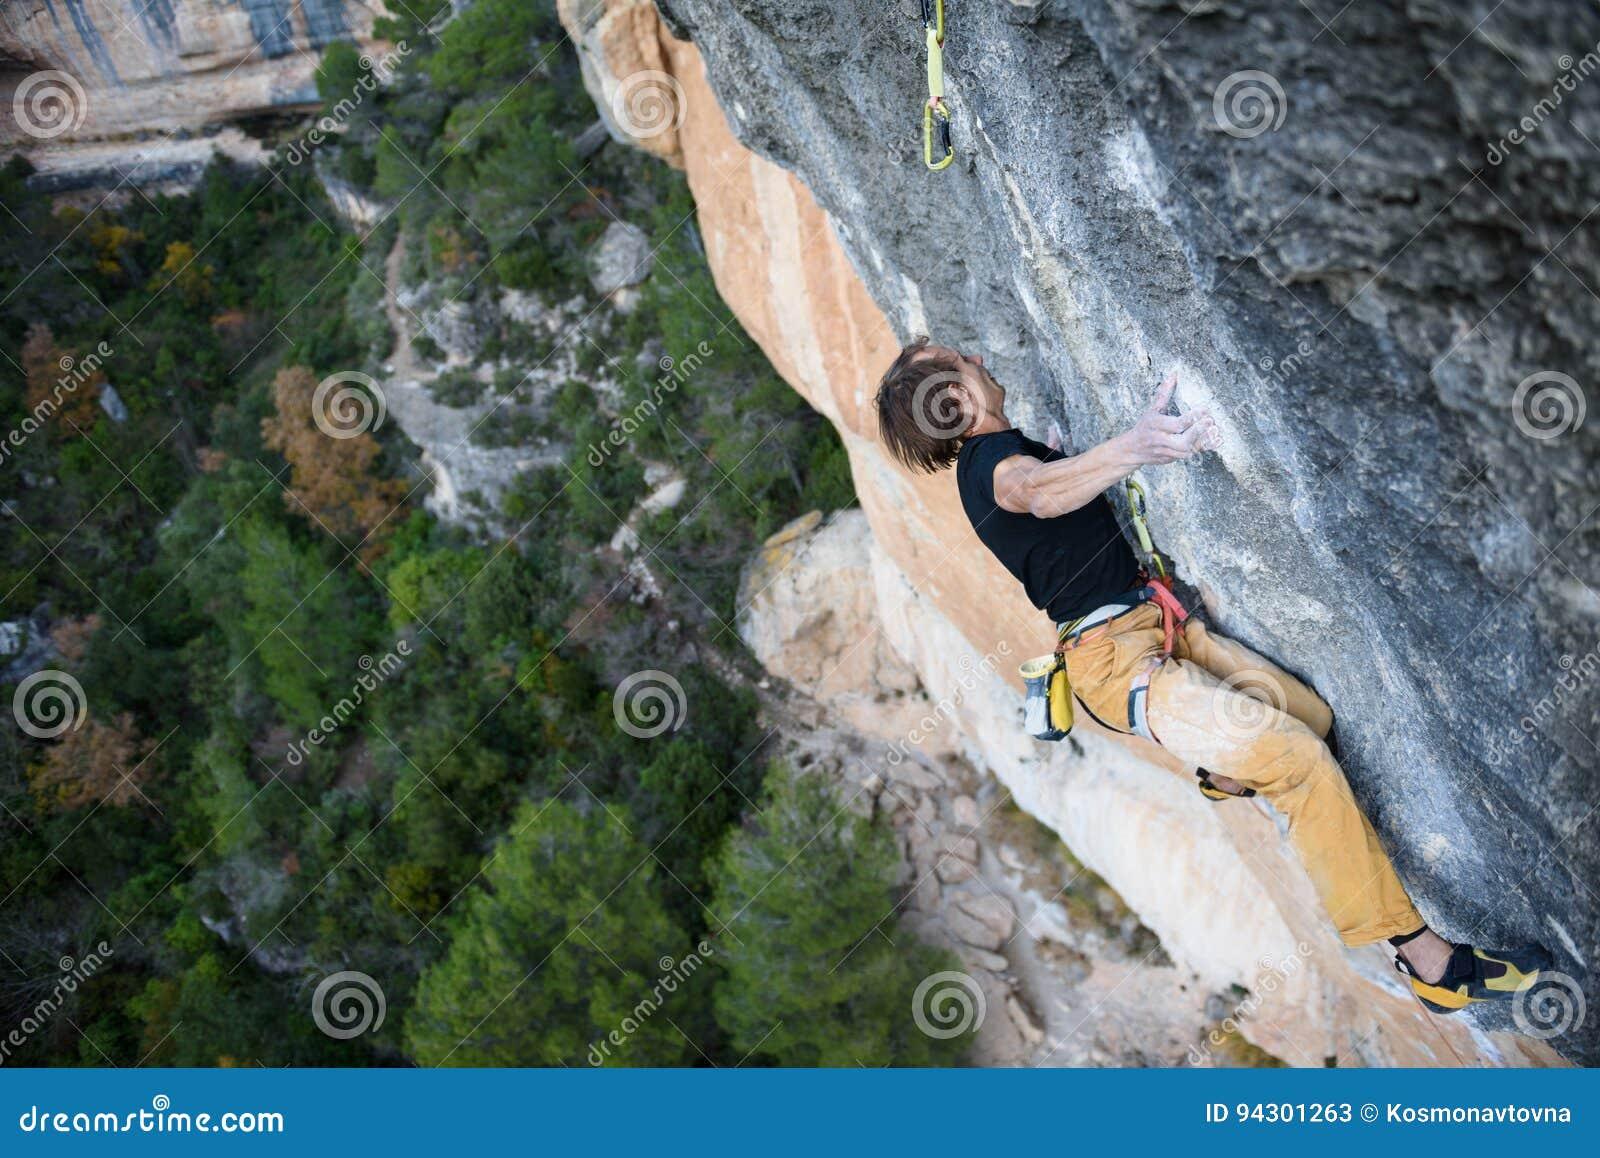 Activité de sport en plein air Grimpeur de roche montant un cli provocant